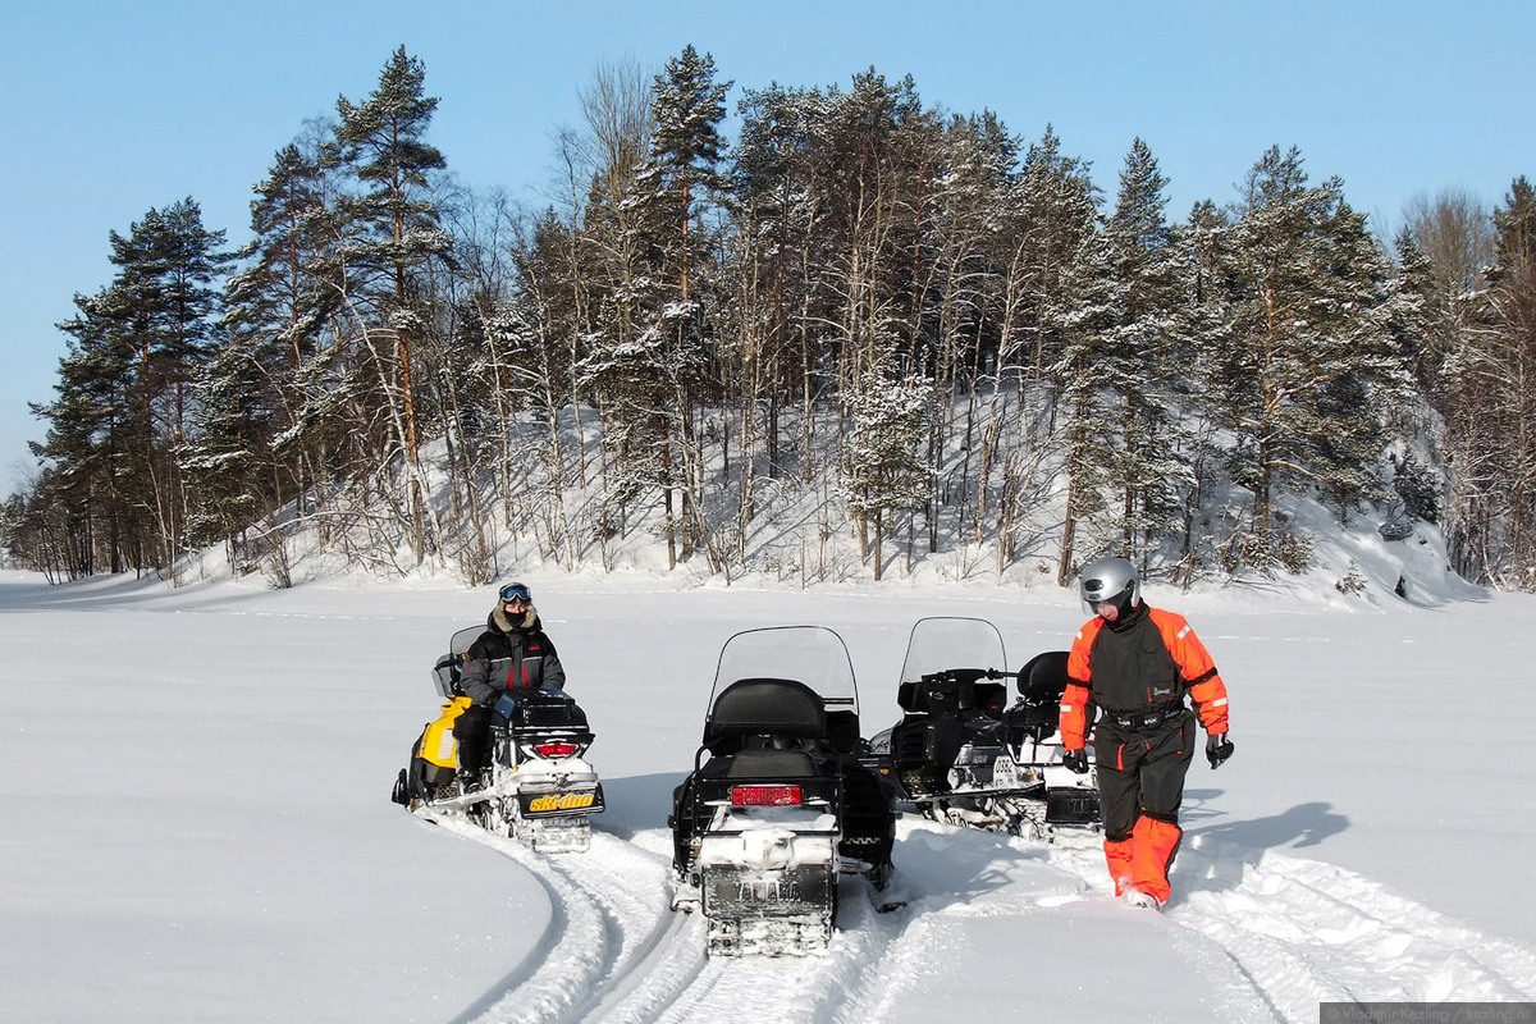 Ладожские шхеры на снегоходах. Февраль 2011